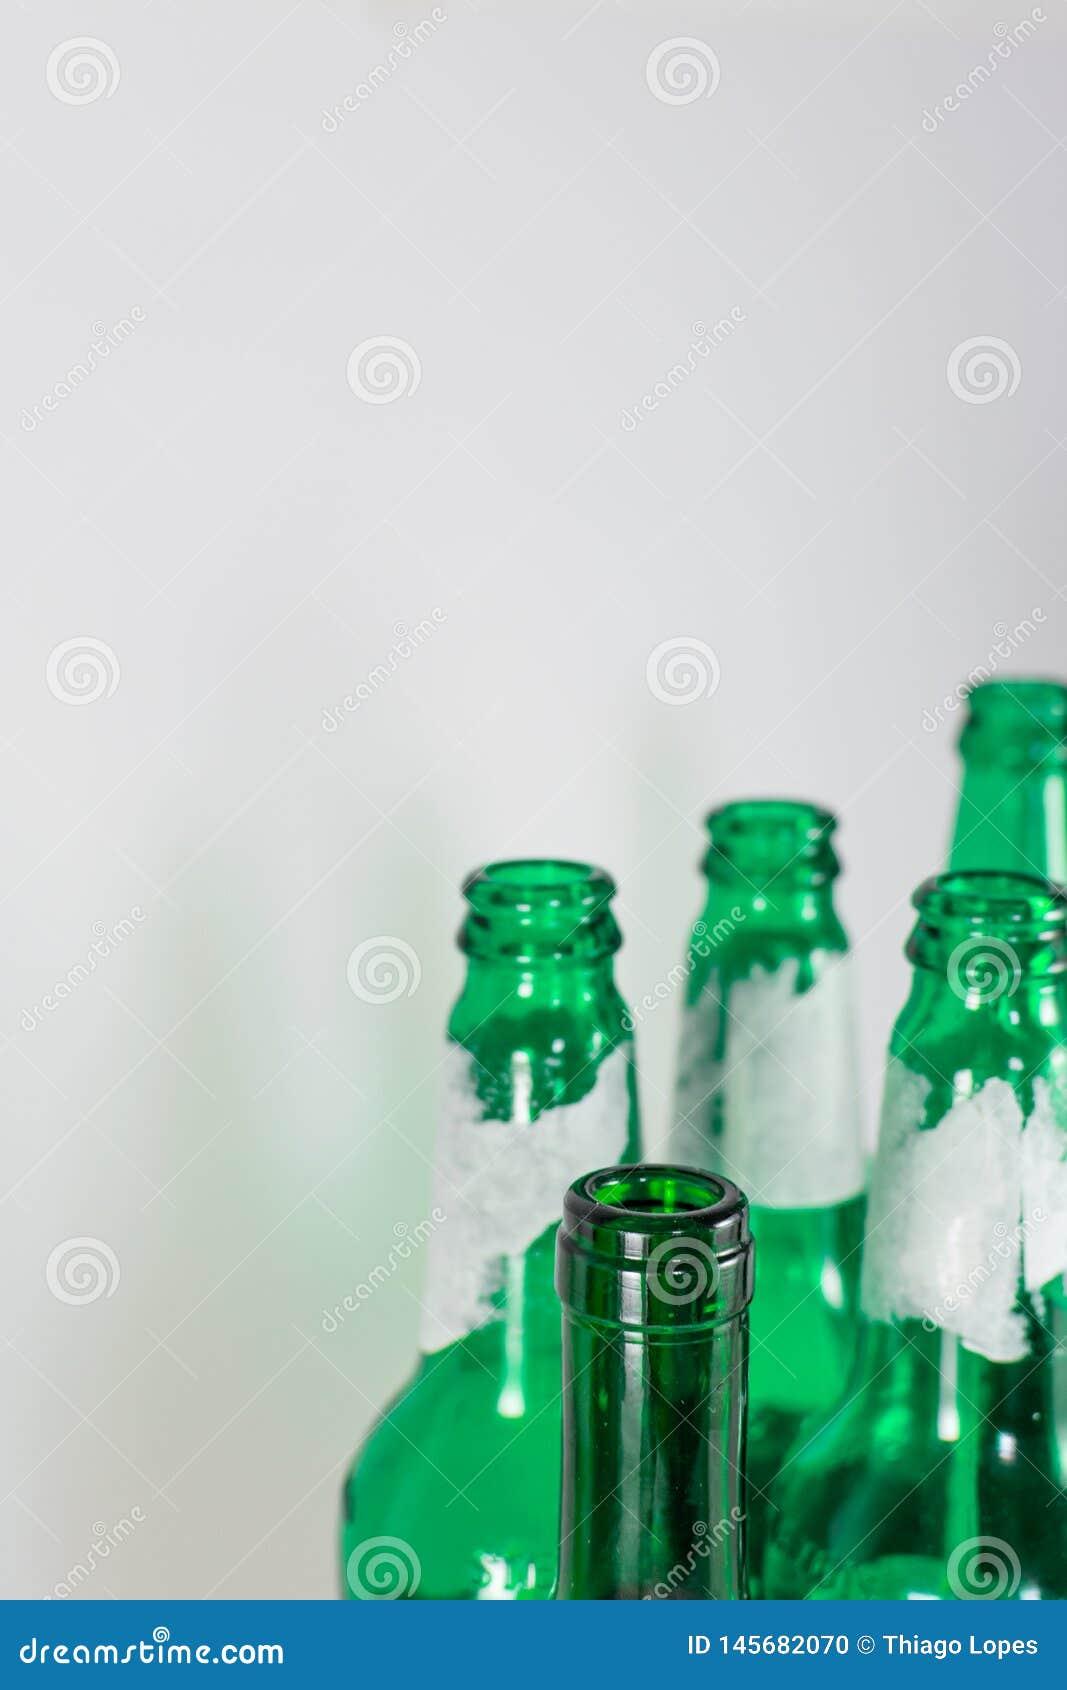 Bild des Engpasses der leeren Bier- und Weingr?nglasflaschen auf einem wei?en Hintergrund Wiederverwendung, acoholism, bereiten a